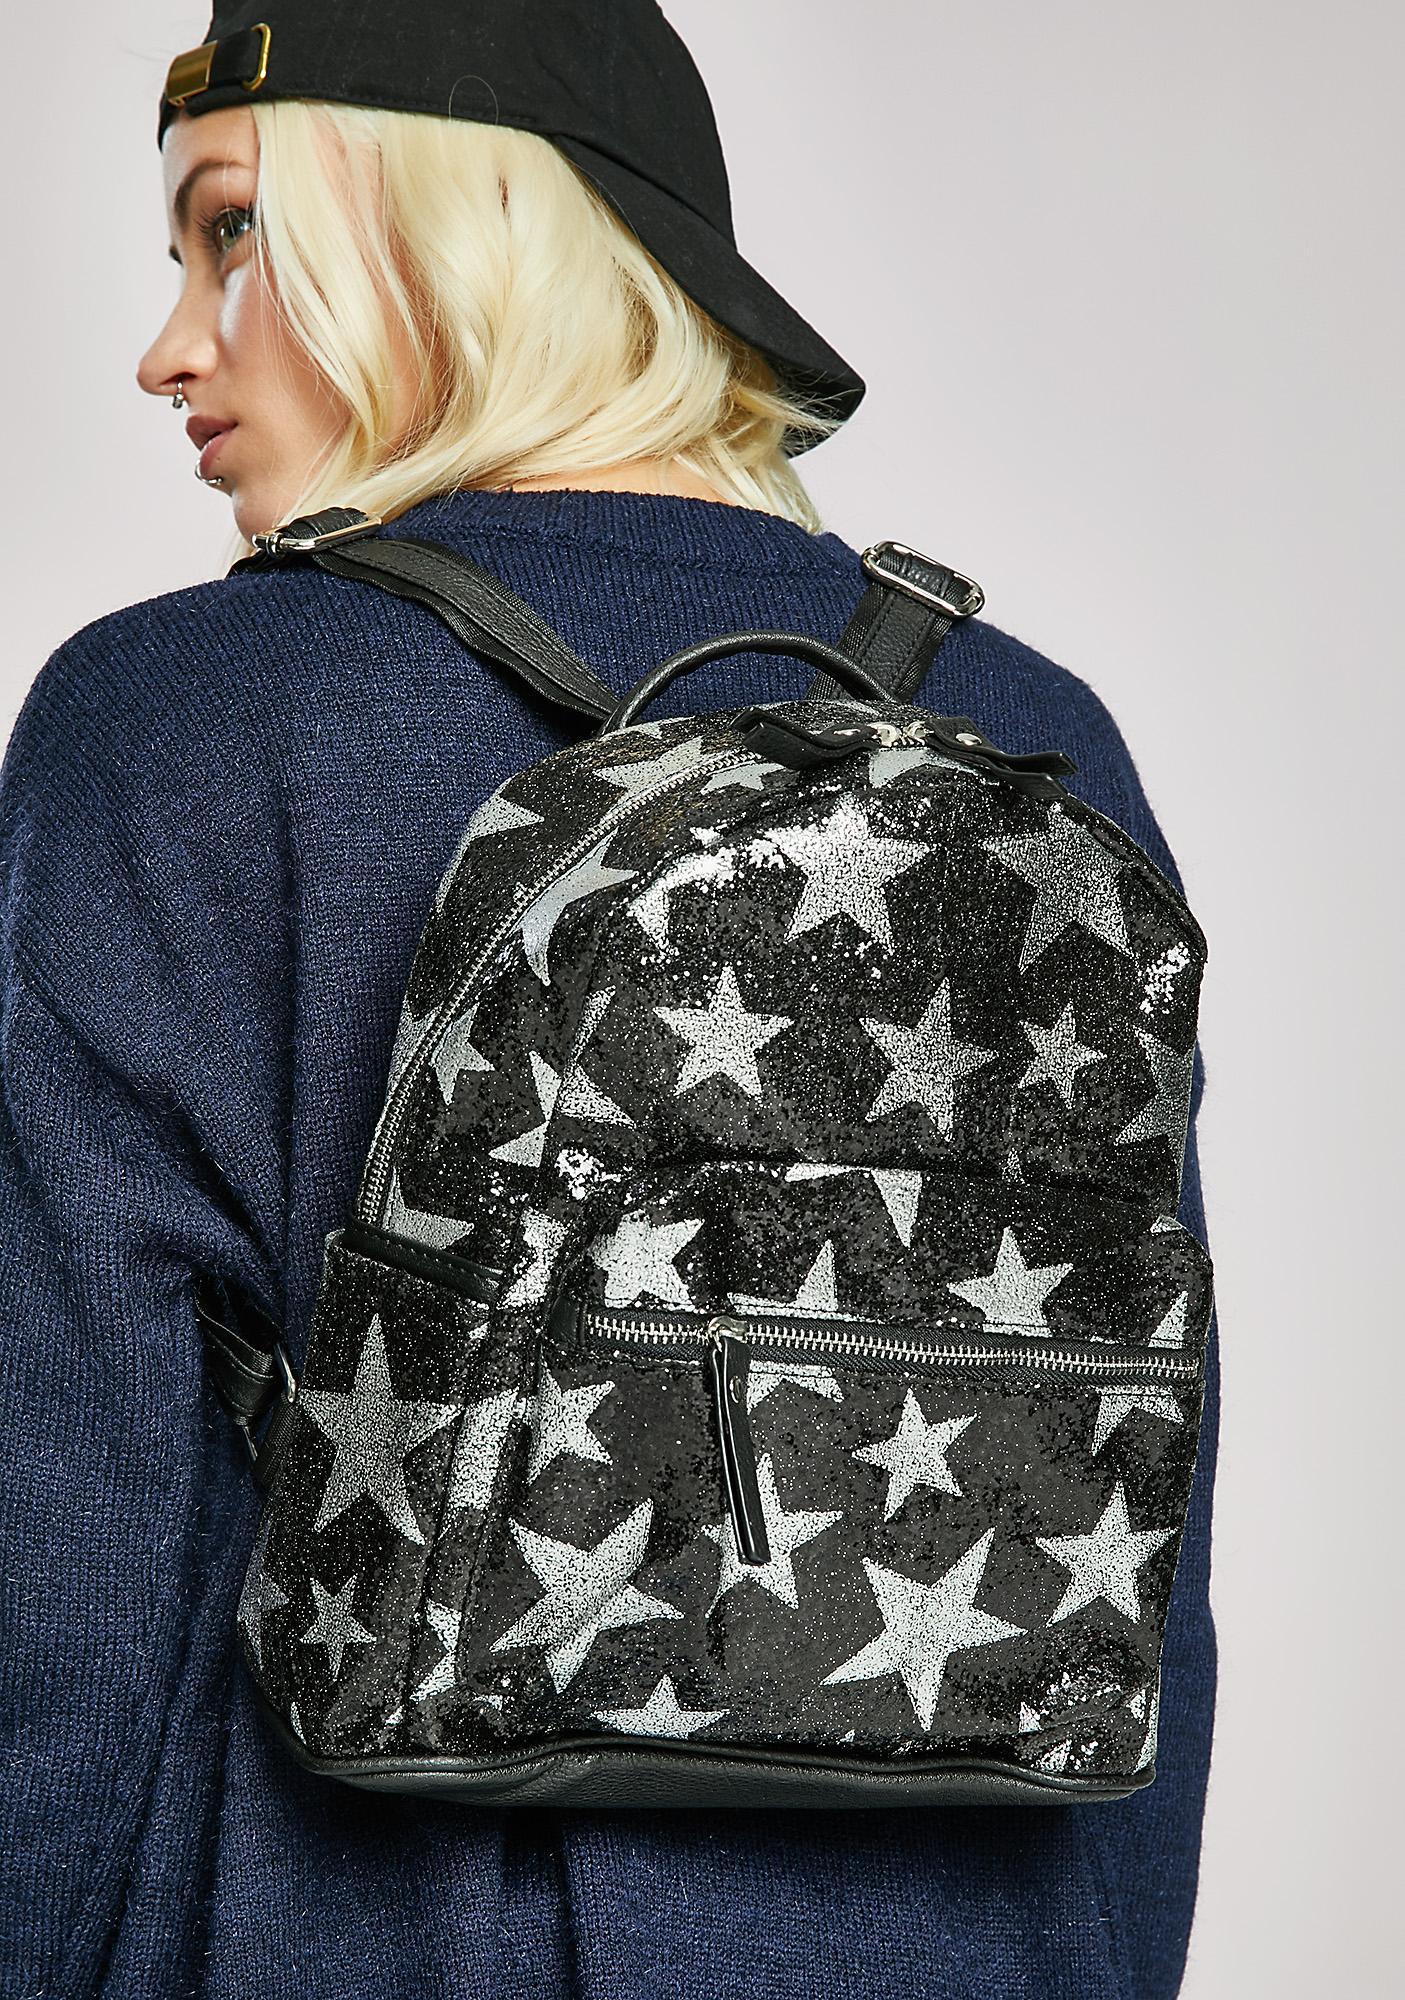 Stargazin' Glitter Backpack